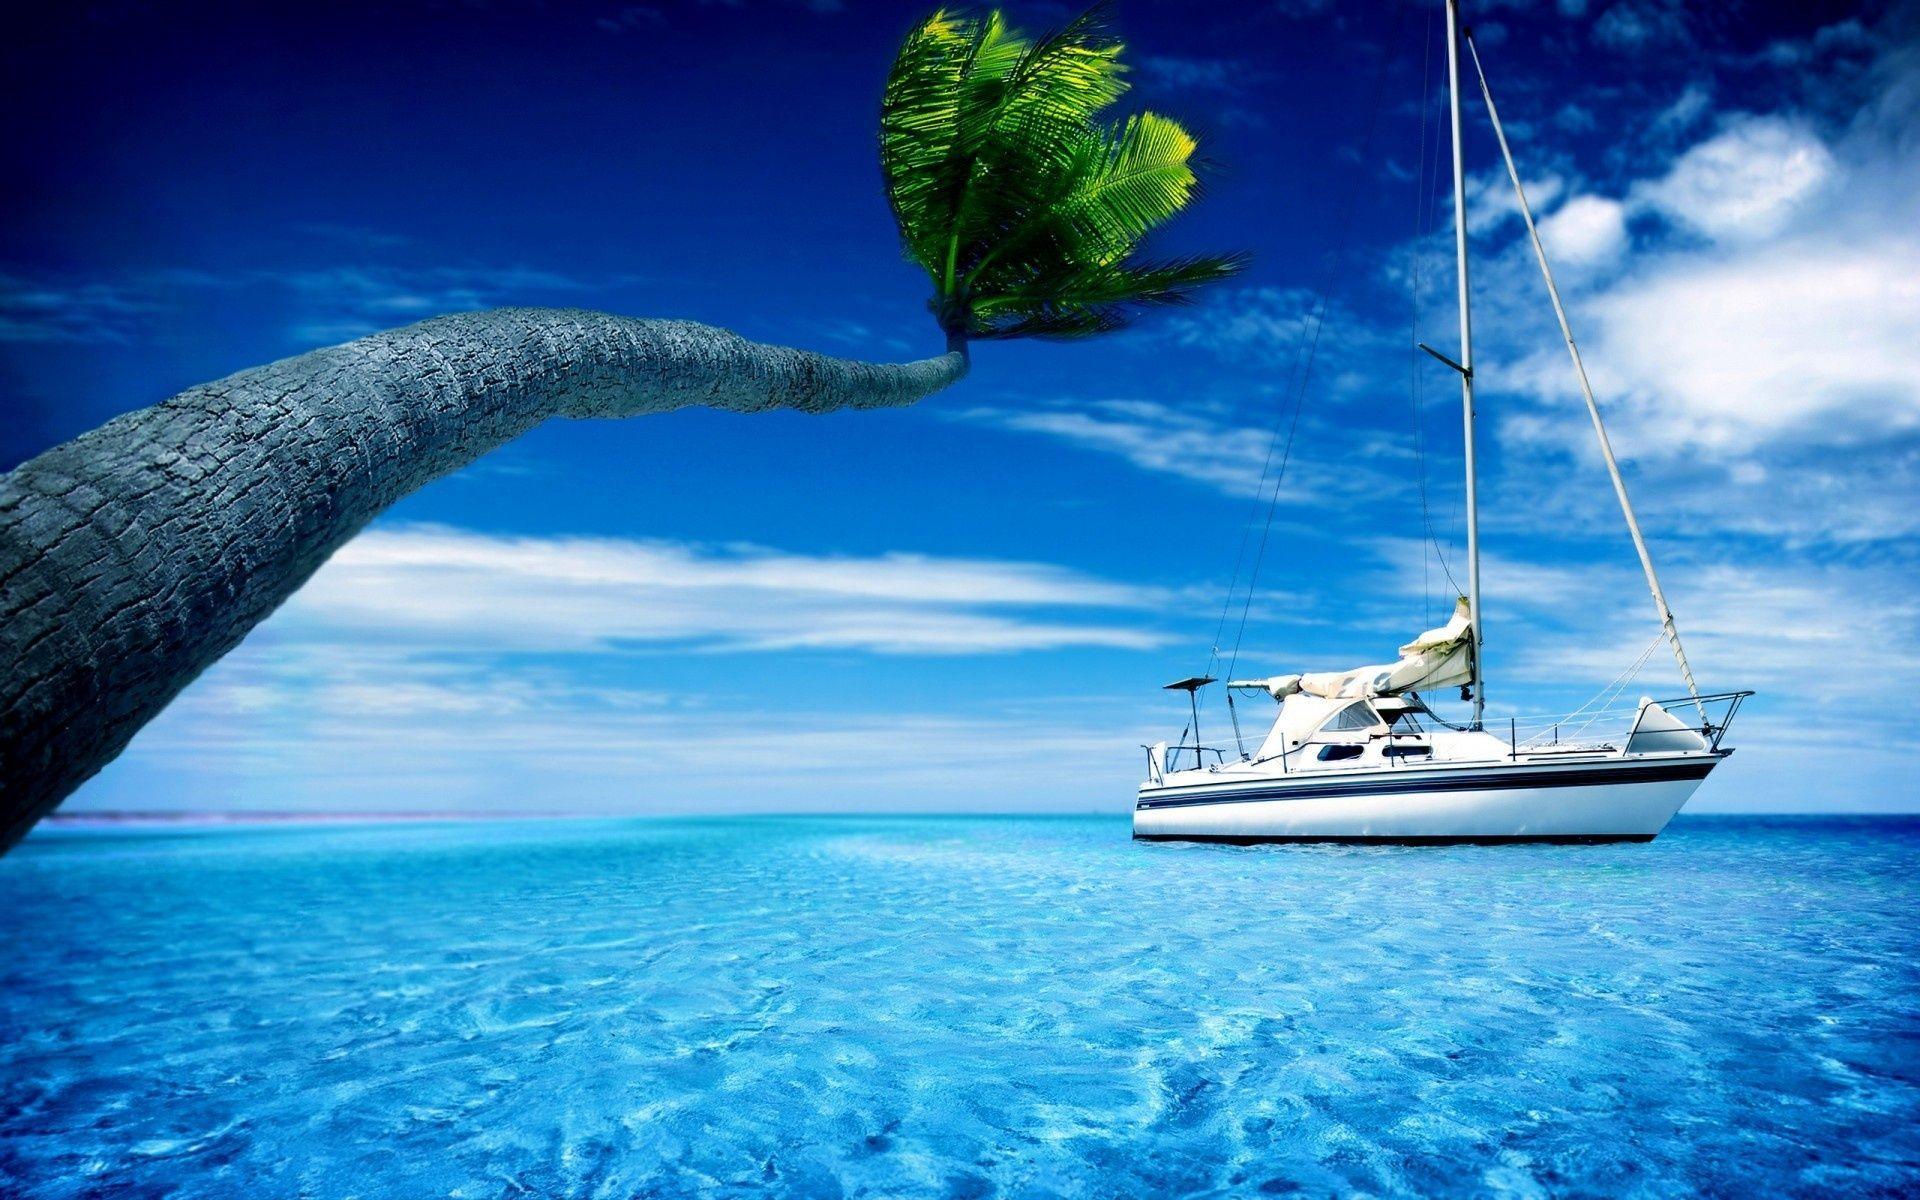 risultati immagini per sea with boats free image | nautica ass